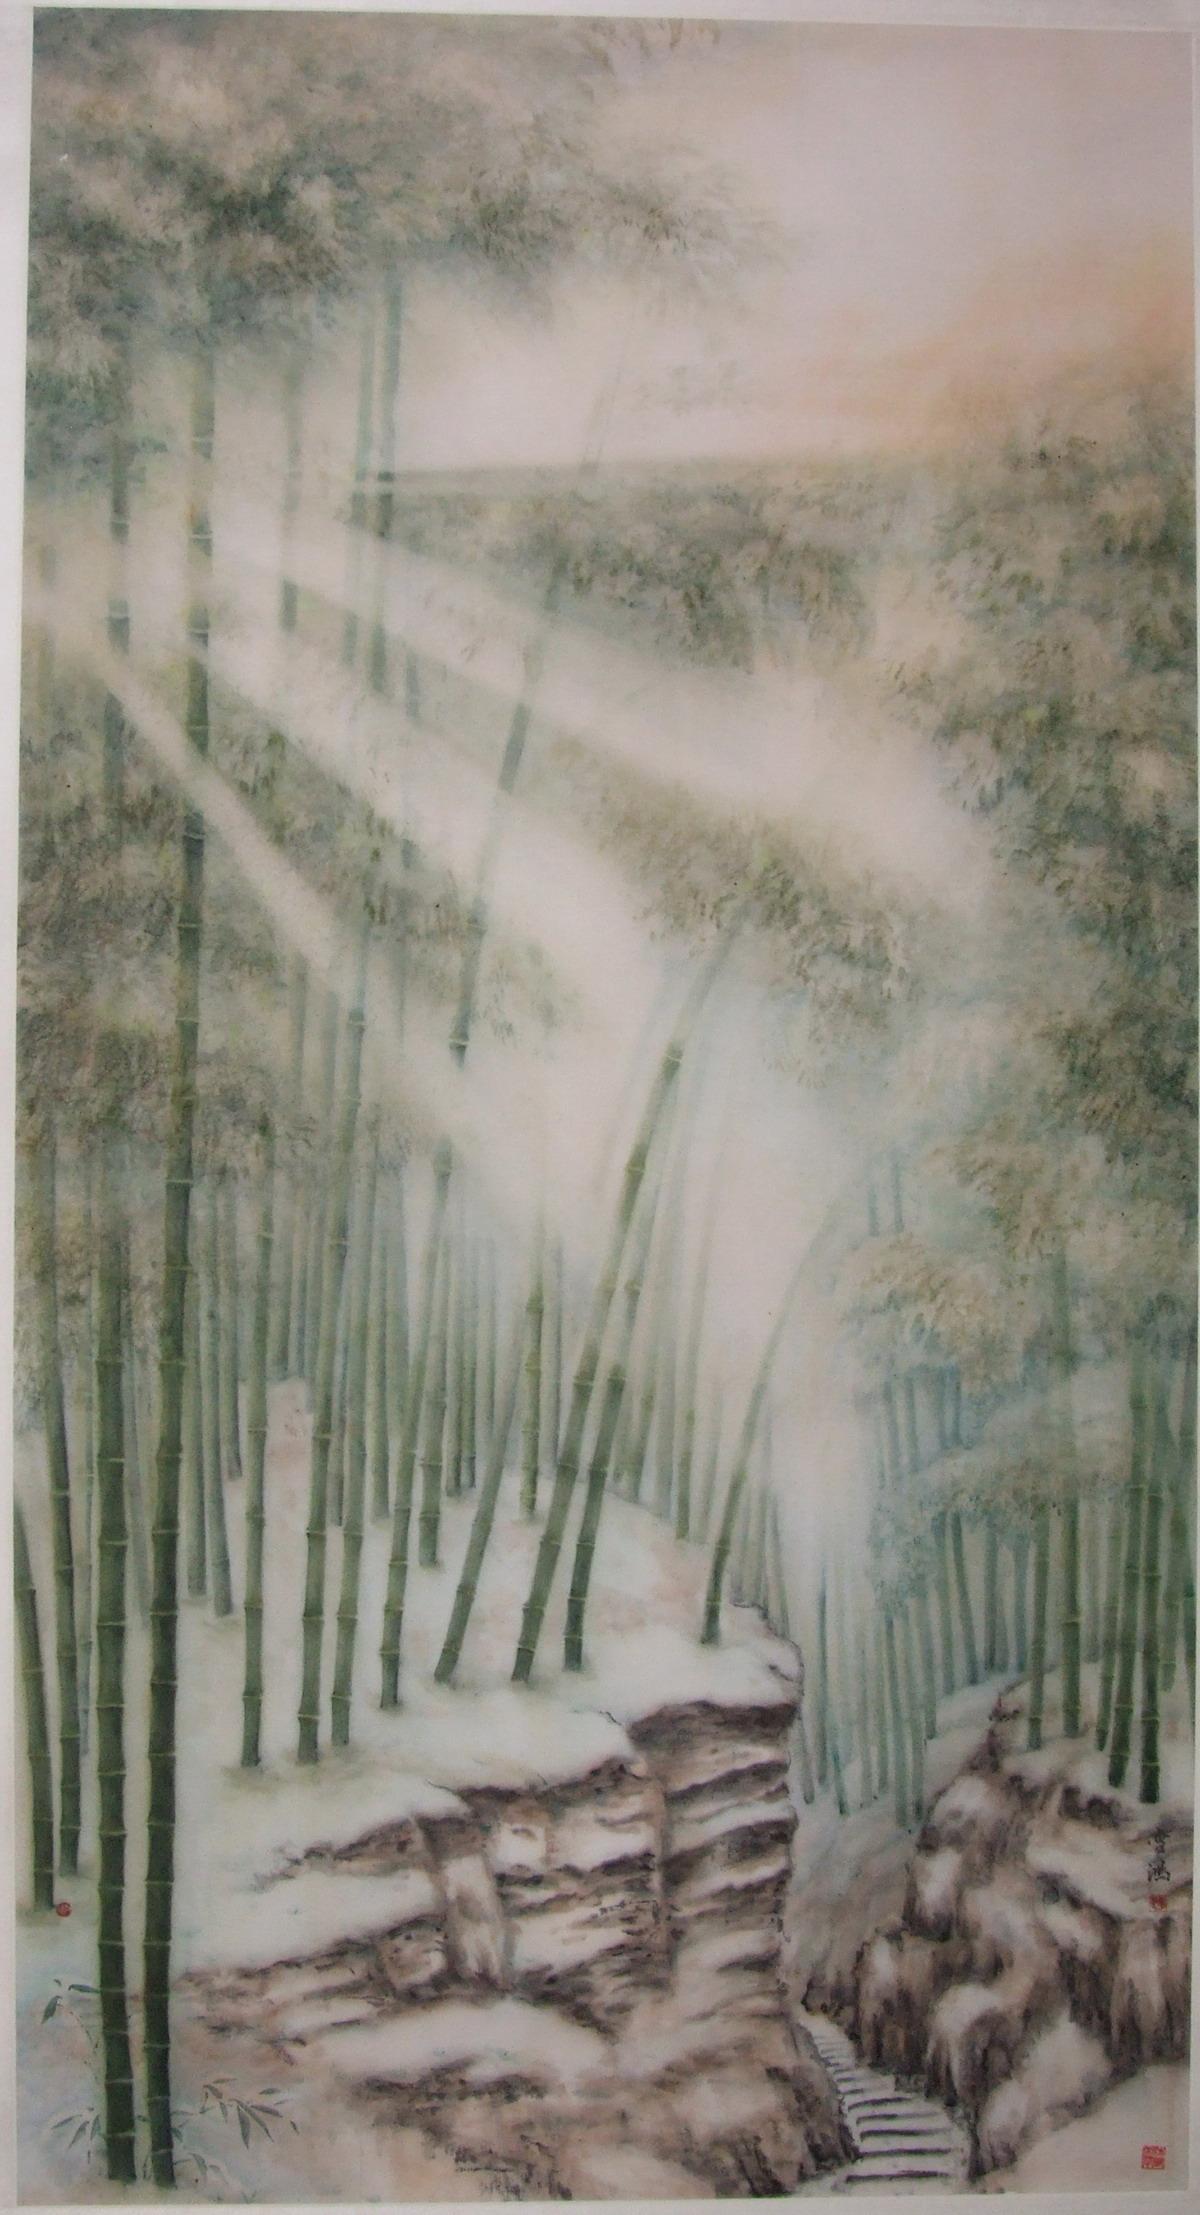 《安吉竹海》180X120cm作者:史学良 价格:商议 - 热销作品 - 京龙艺圣